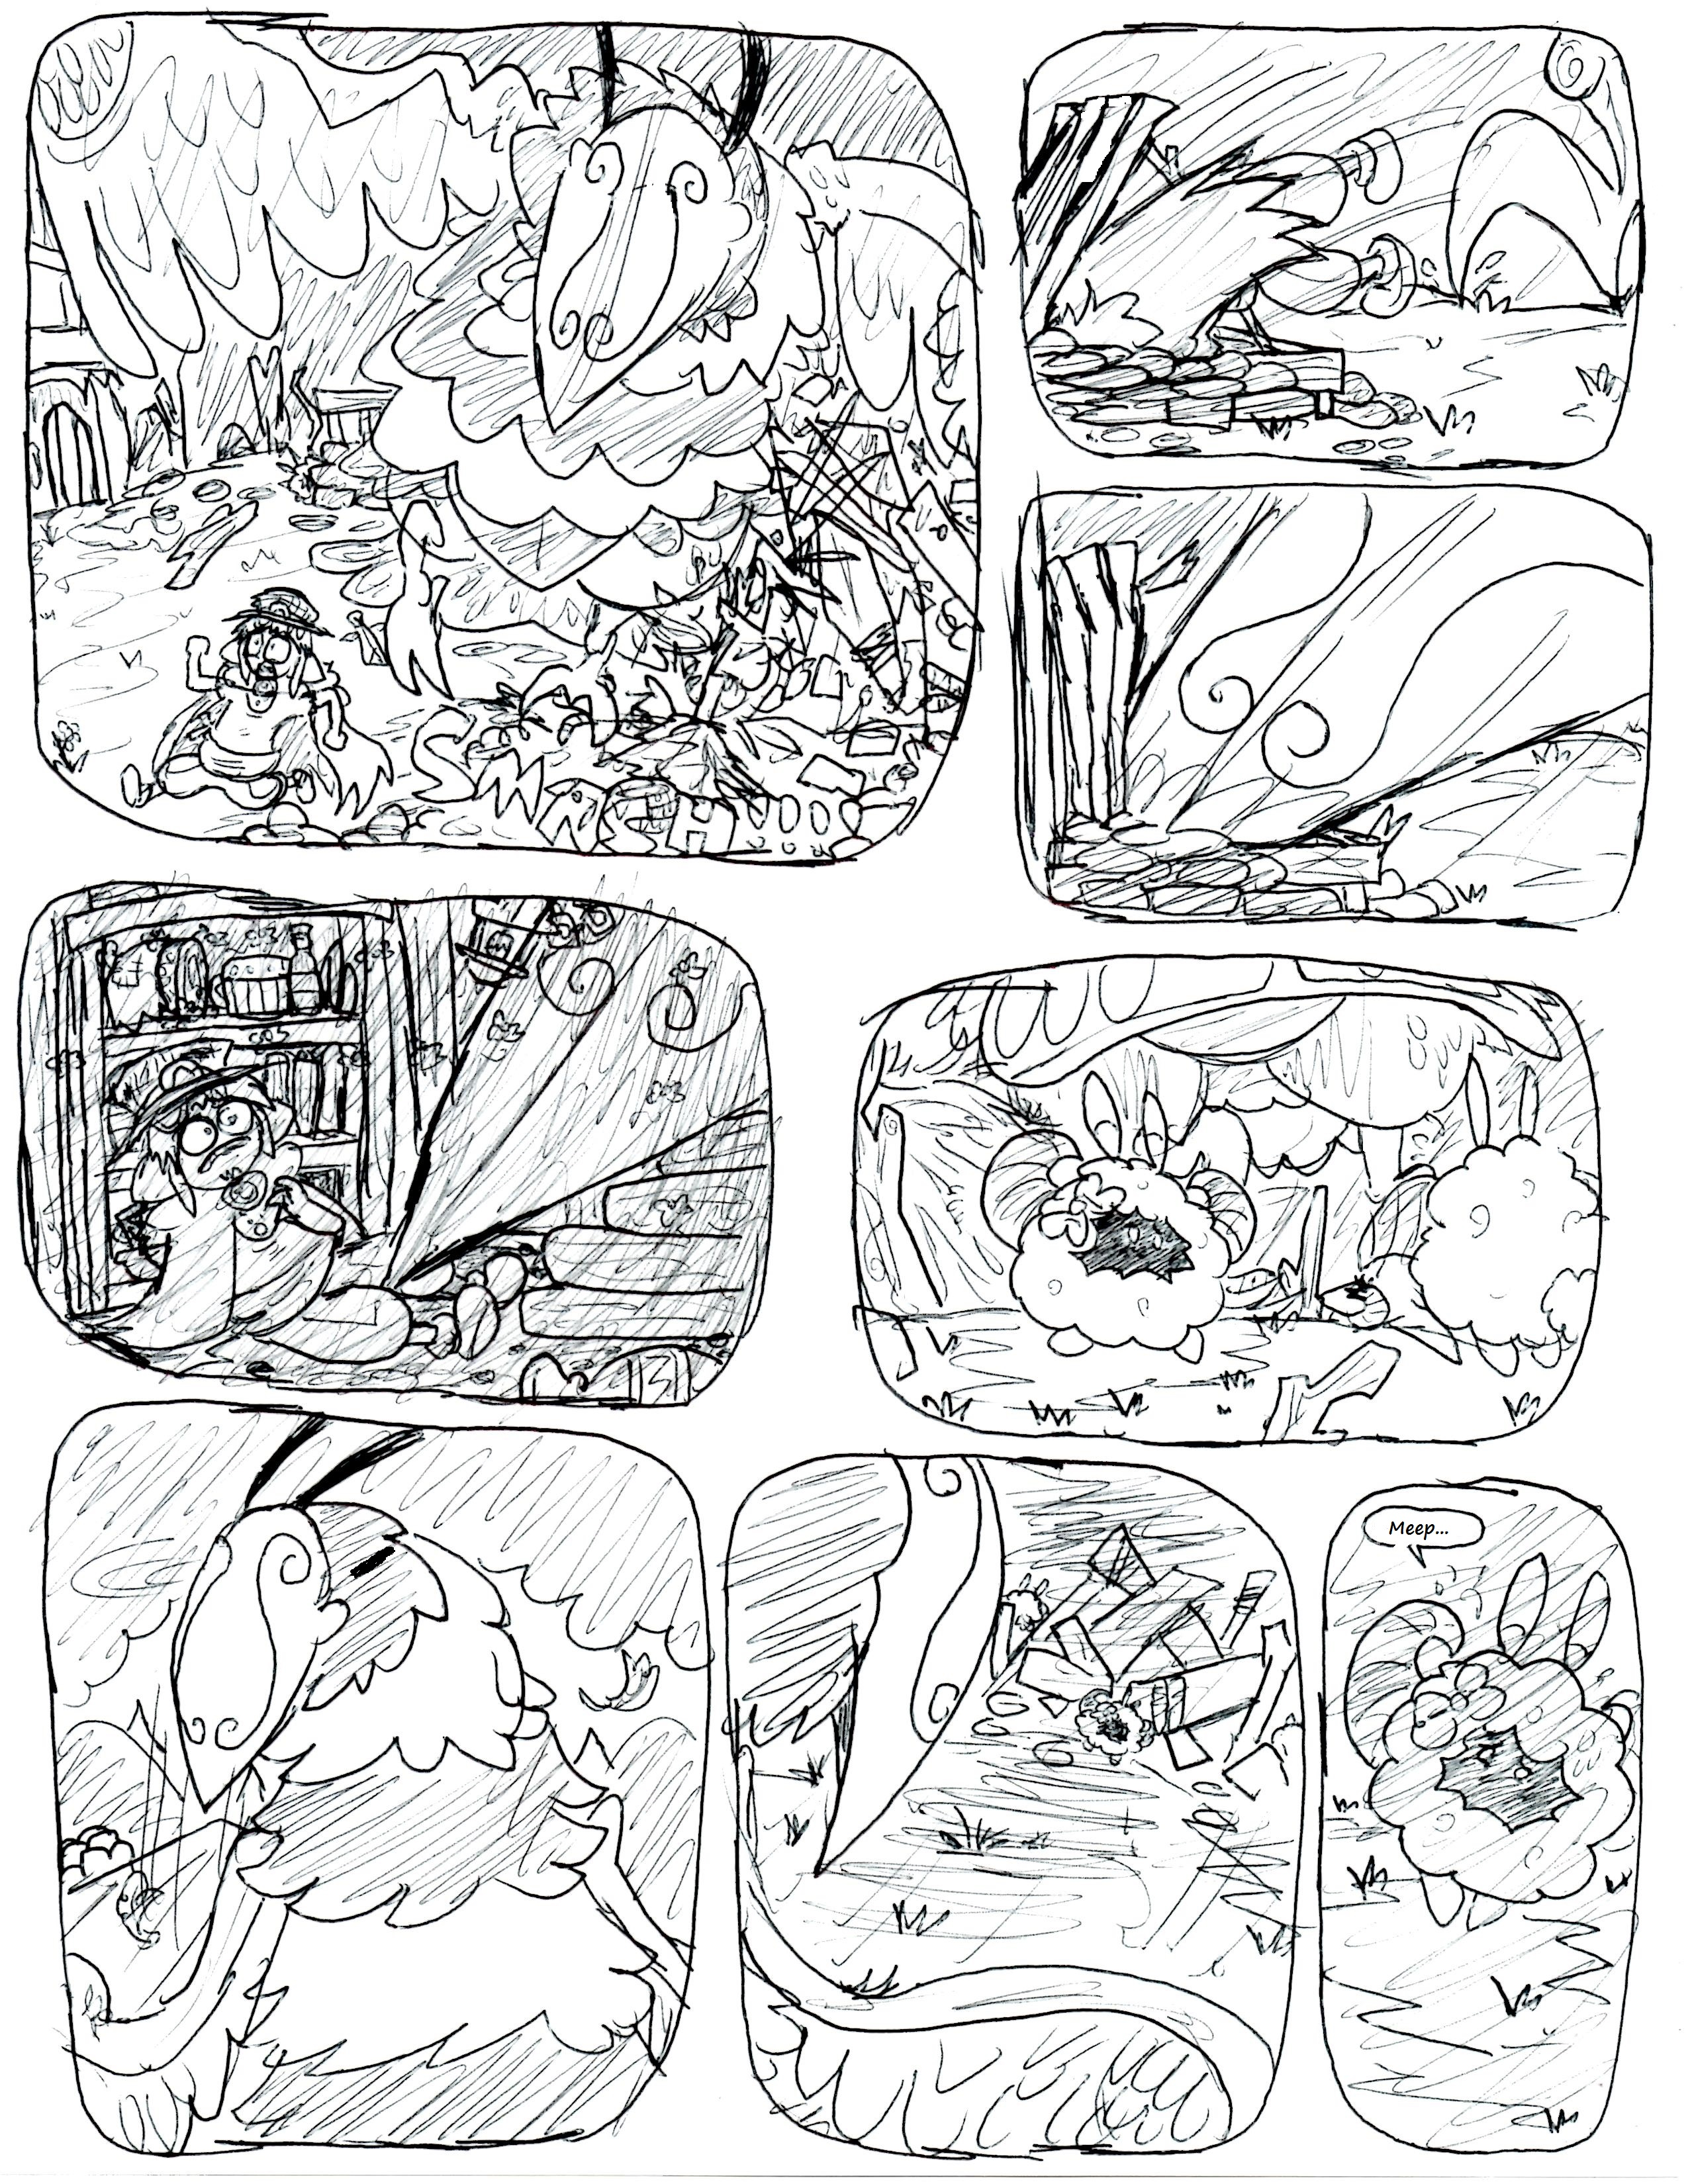 COV8 Page 48